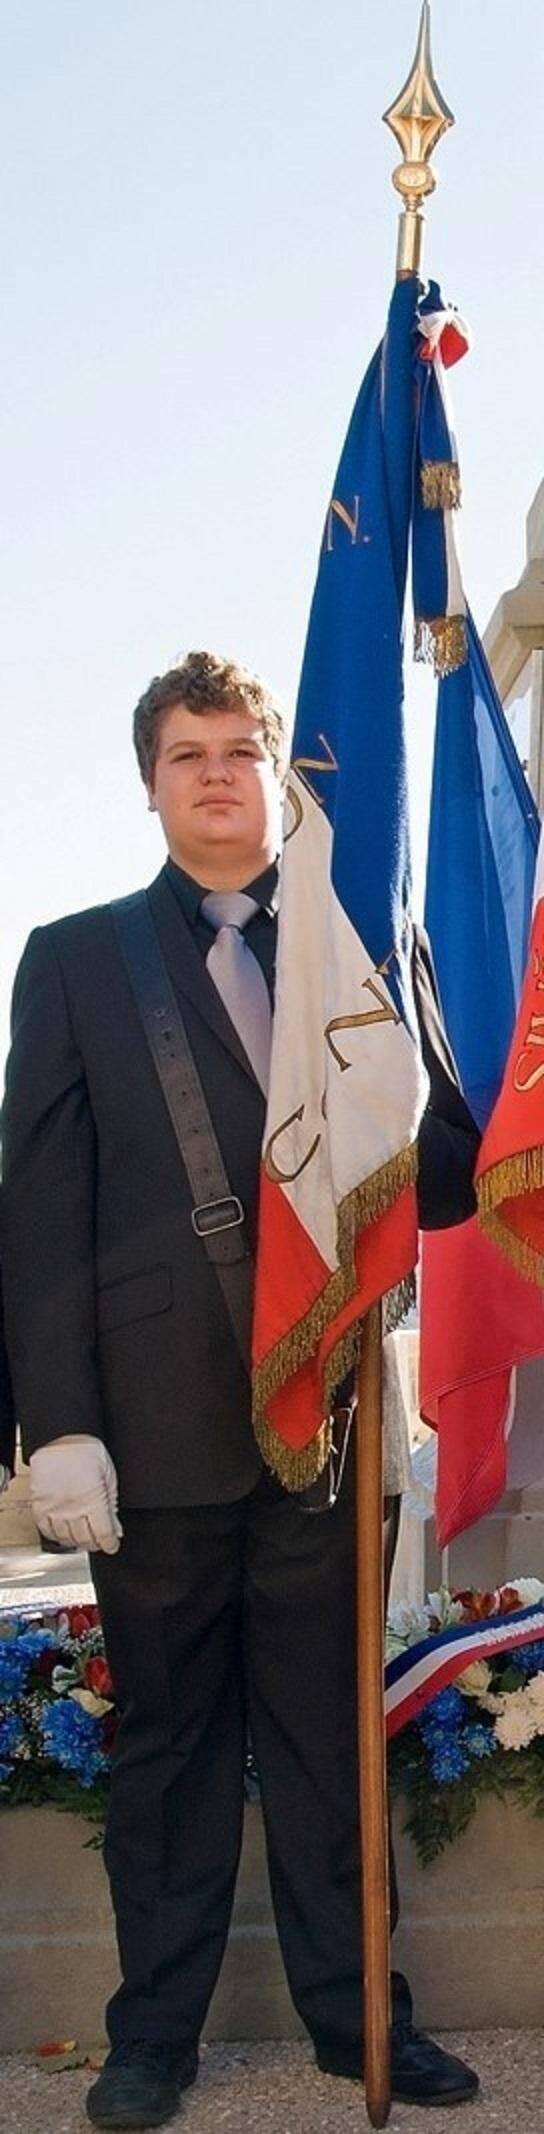 L'enfant du hameau de La Vernéa,  Jean-Claude Barbier, 17 ans, défilera à Paris aujourd'hui.